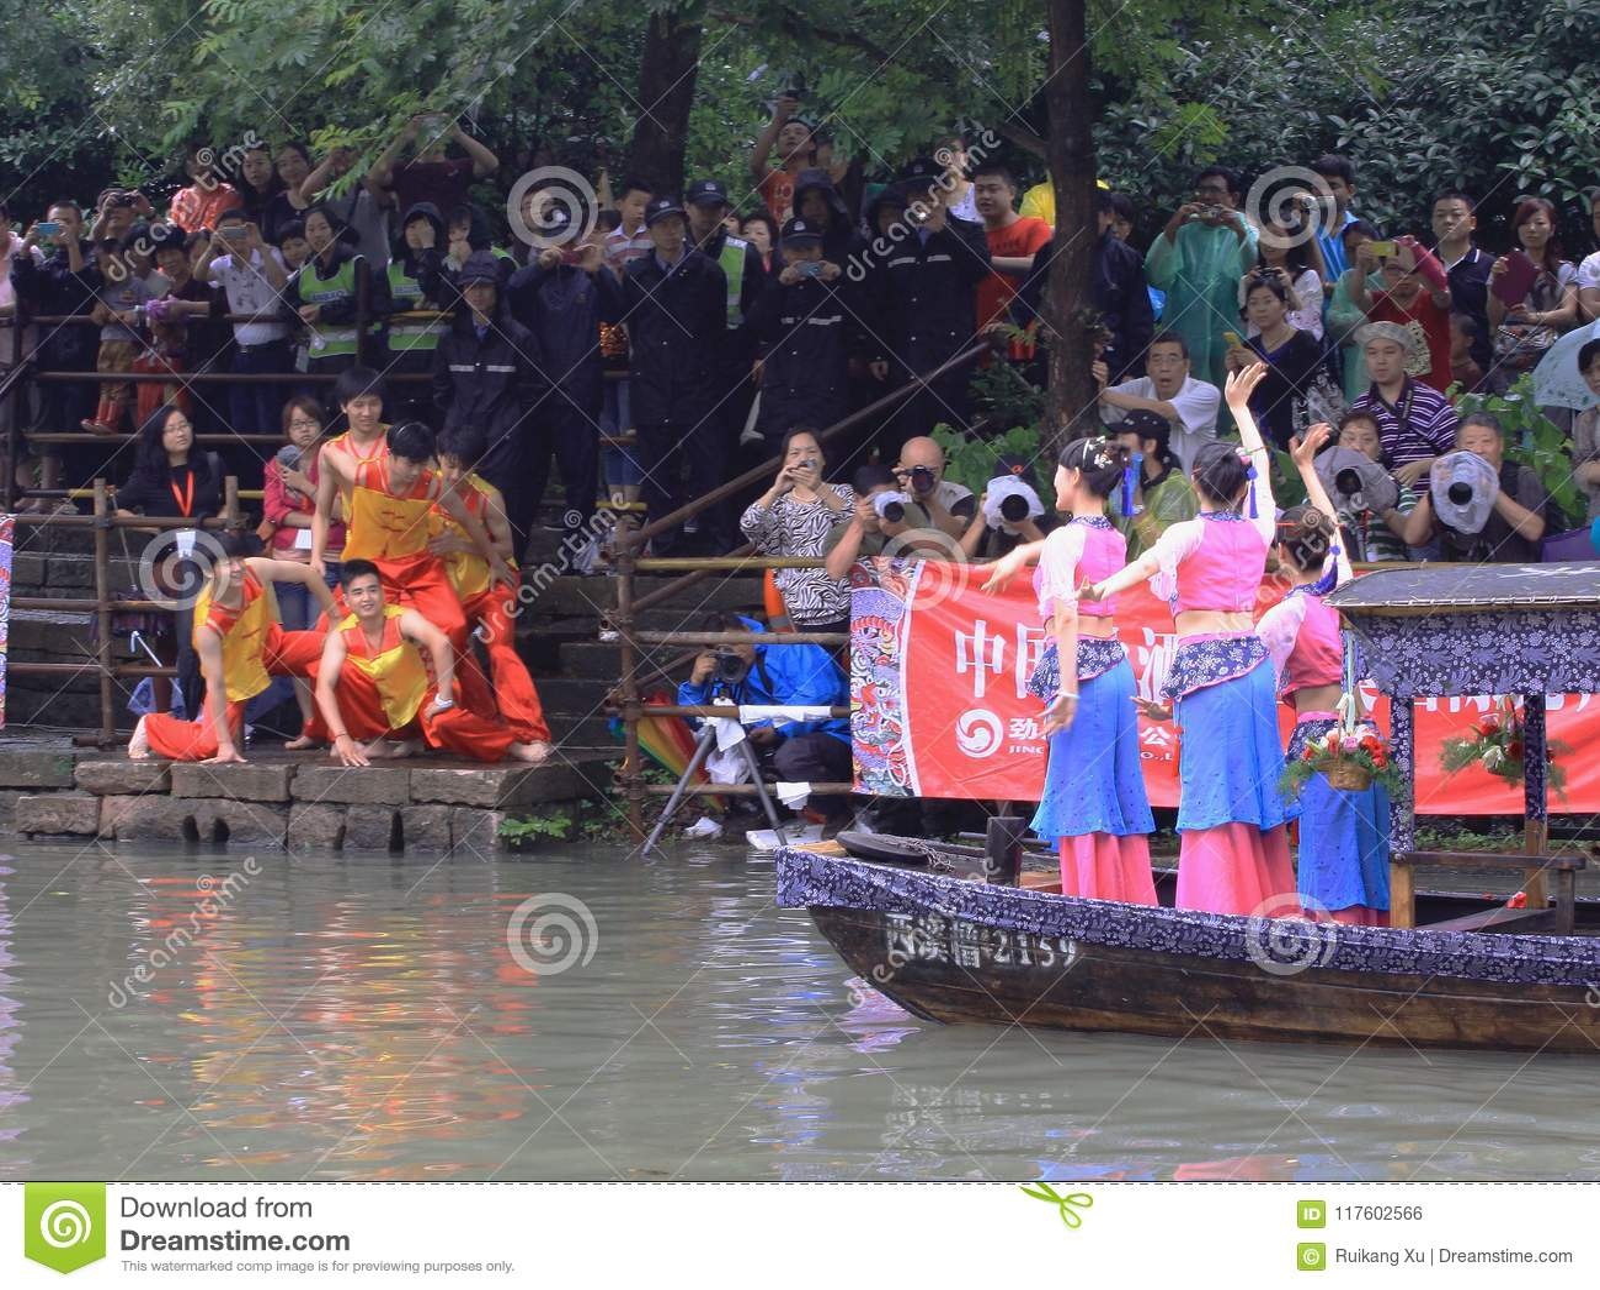 O festival tradicional chinês, Dragon Boat Festival o barco do dragão que ganhará sublinha